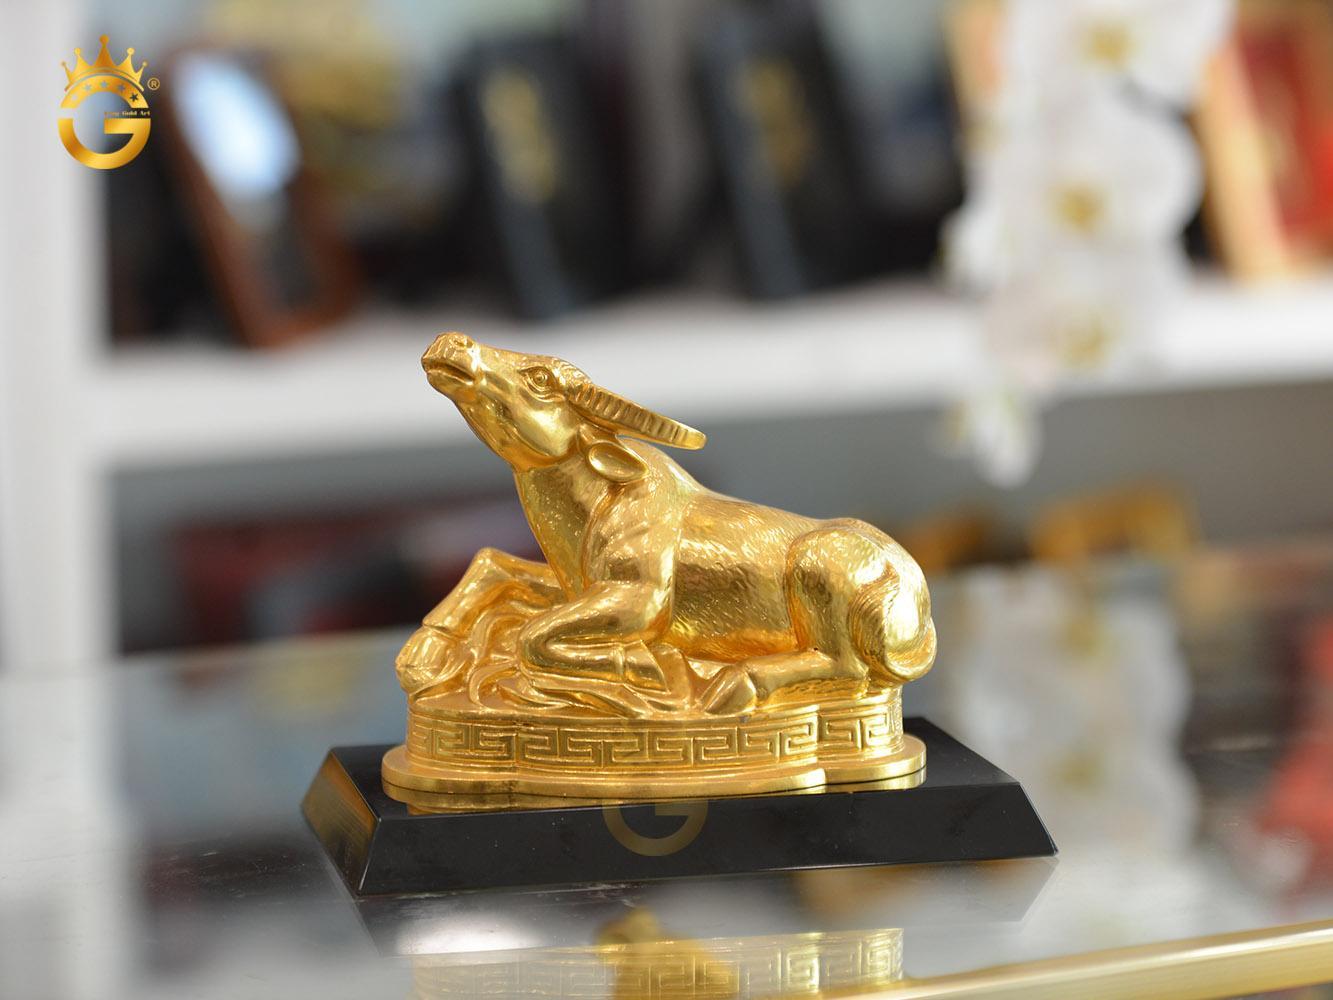 Linh vật trâu bằng đồng mạ vàng 24k làm quà tặng phong thủy0